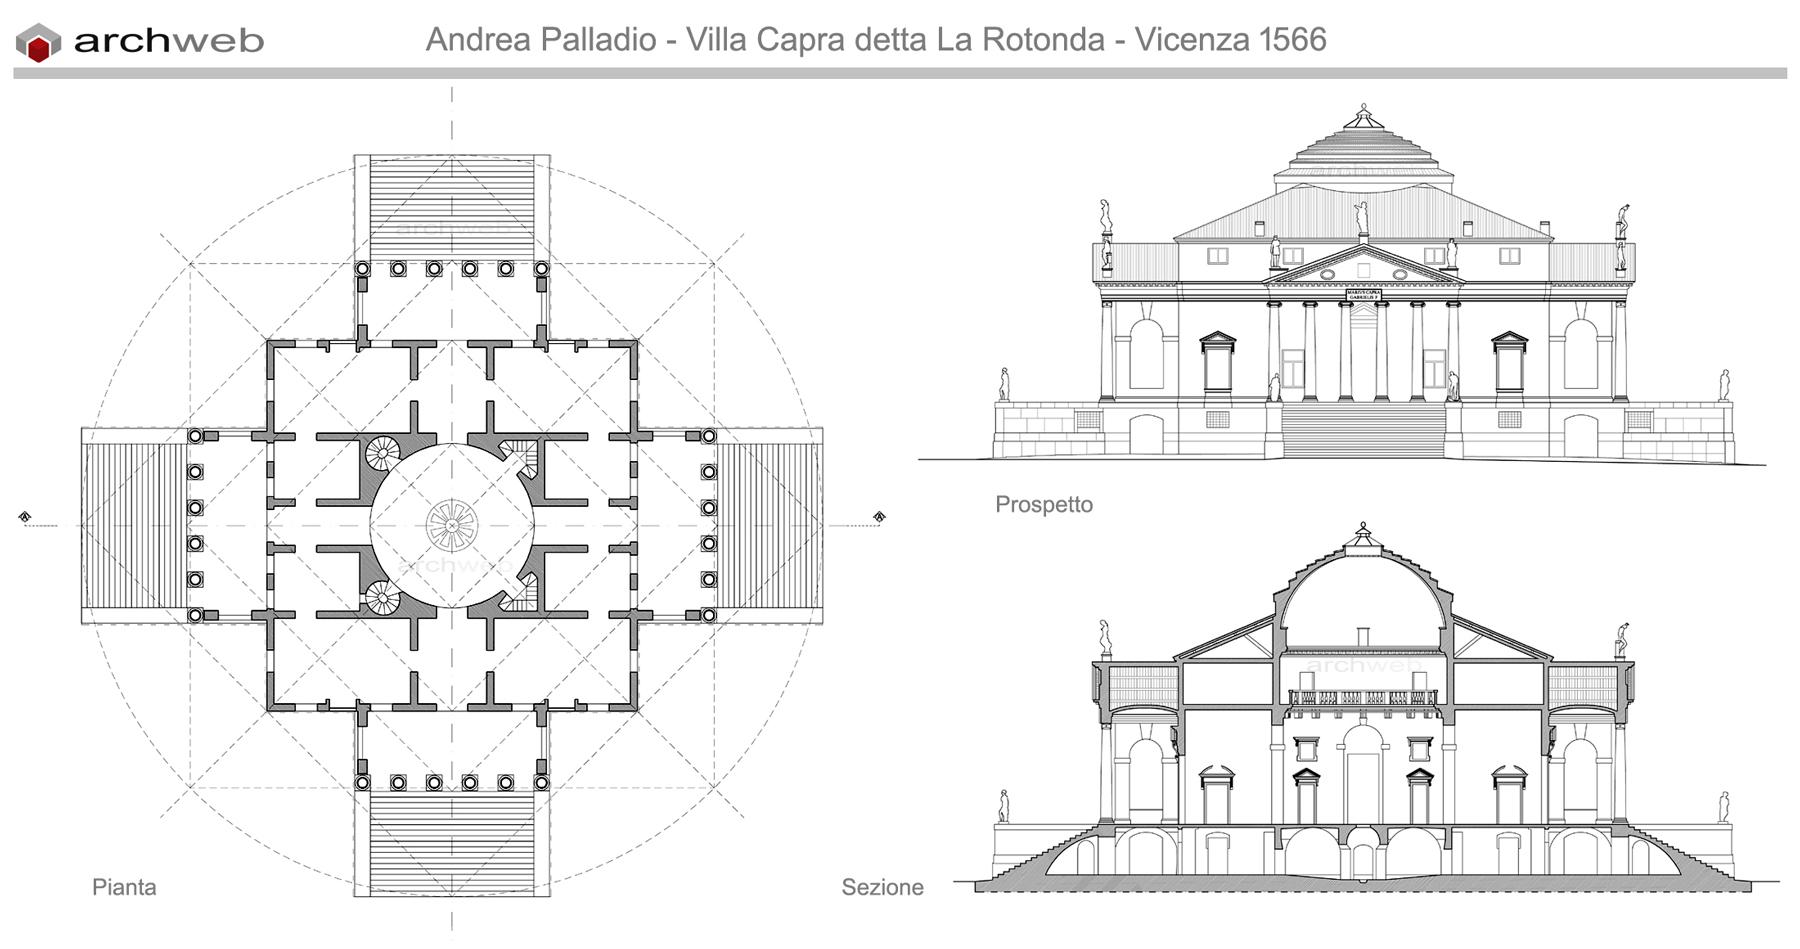 Jefferson Floor Plan A Palladio Villa Capra Detta La Rotonda Dwg